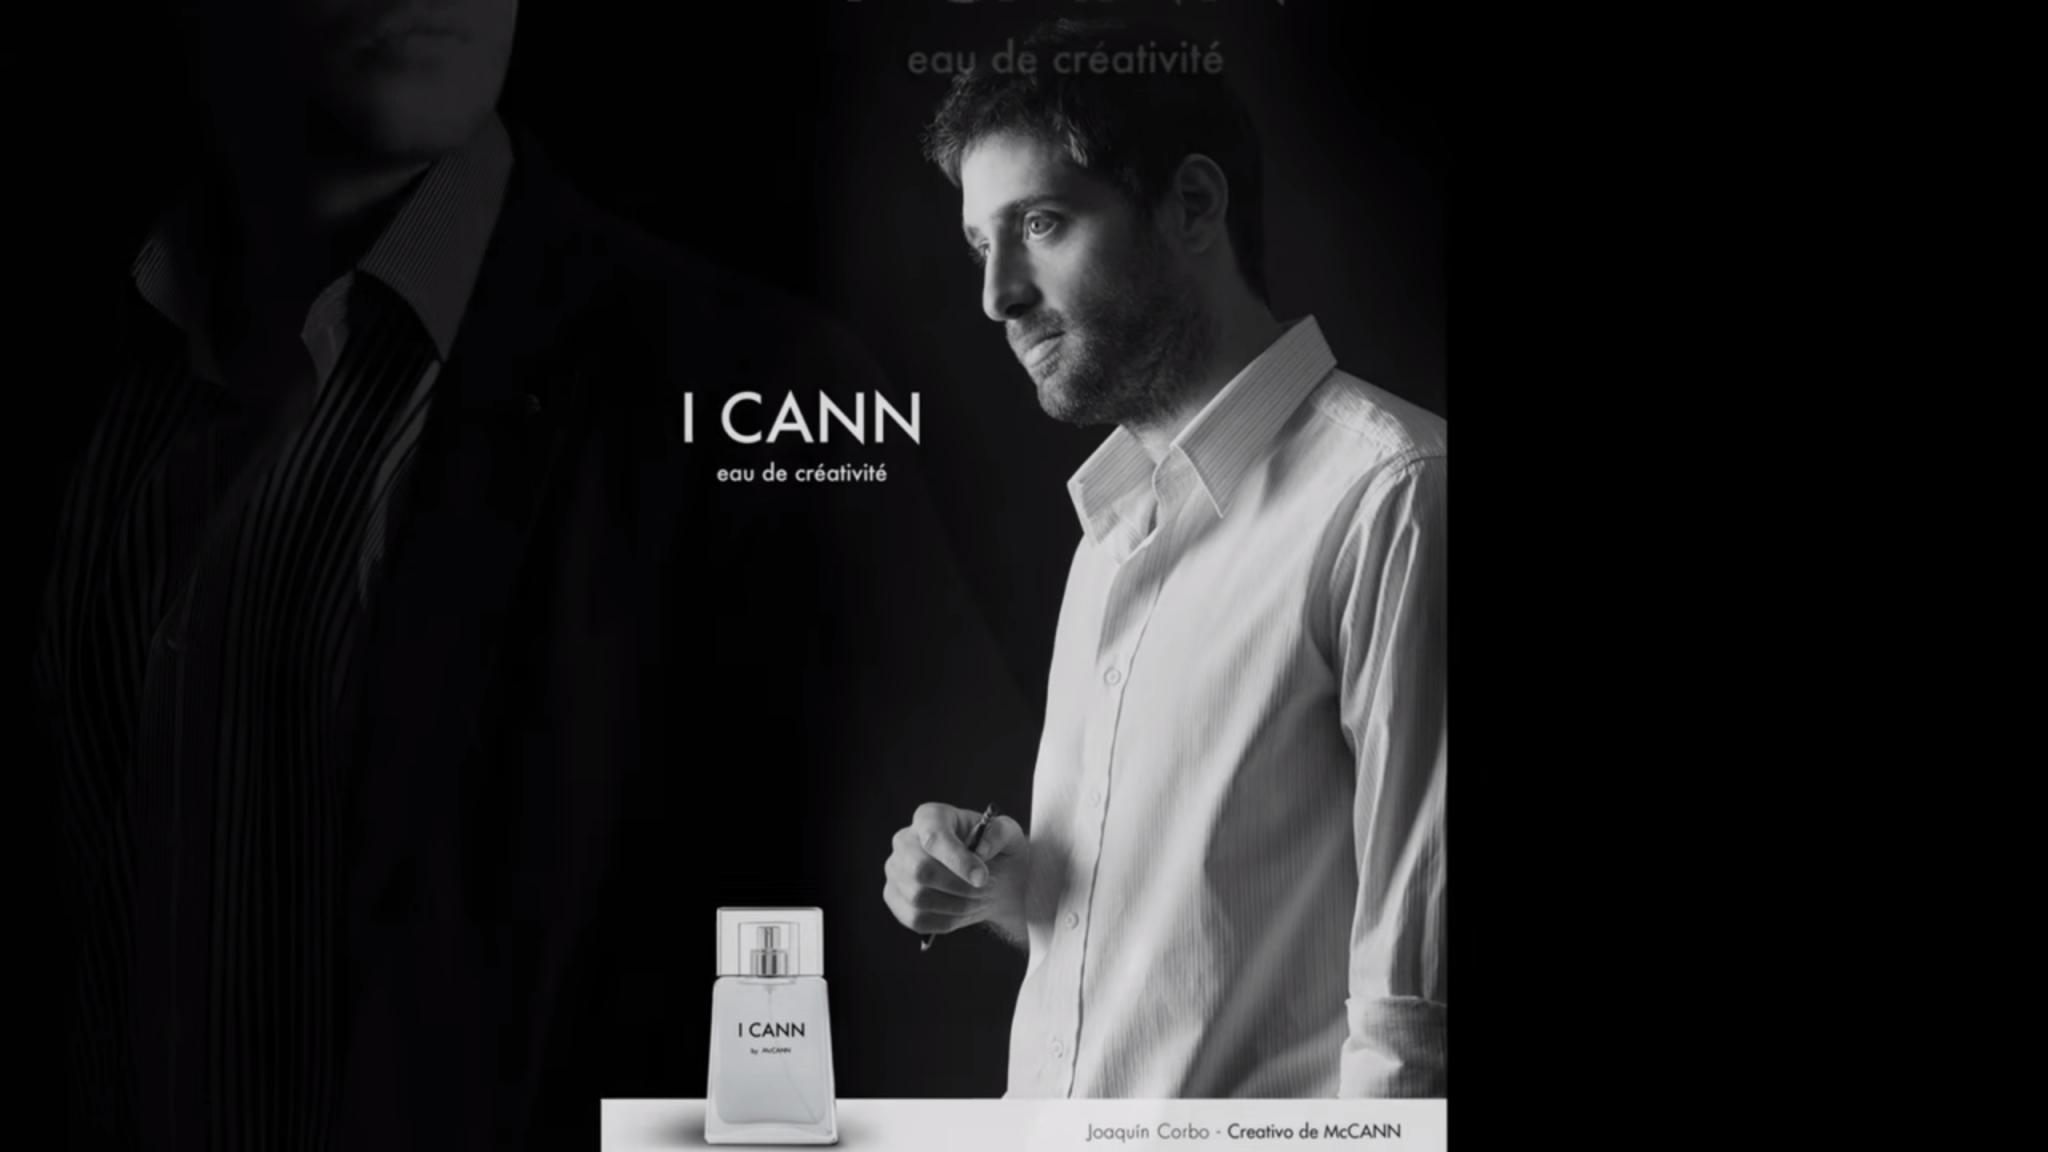 Yaratıcılığın parfümle ilgisi olabilir mi?